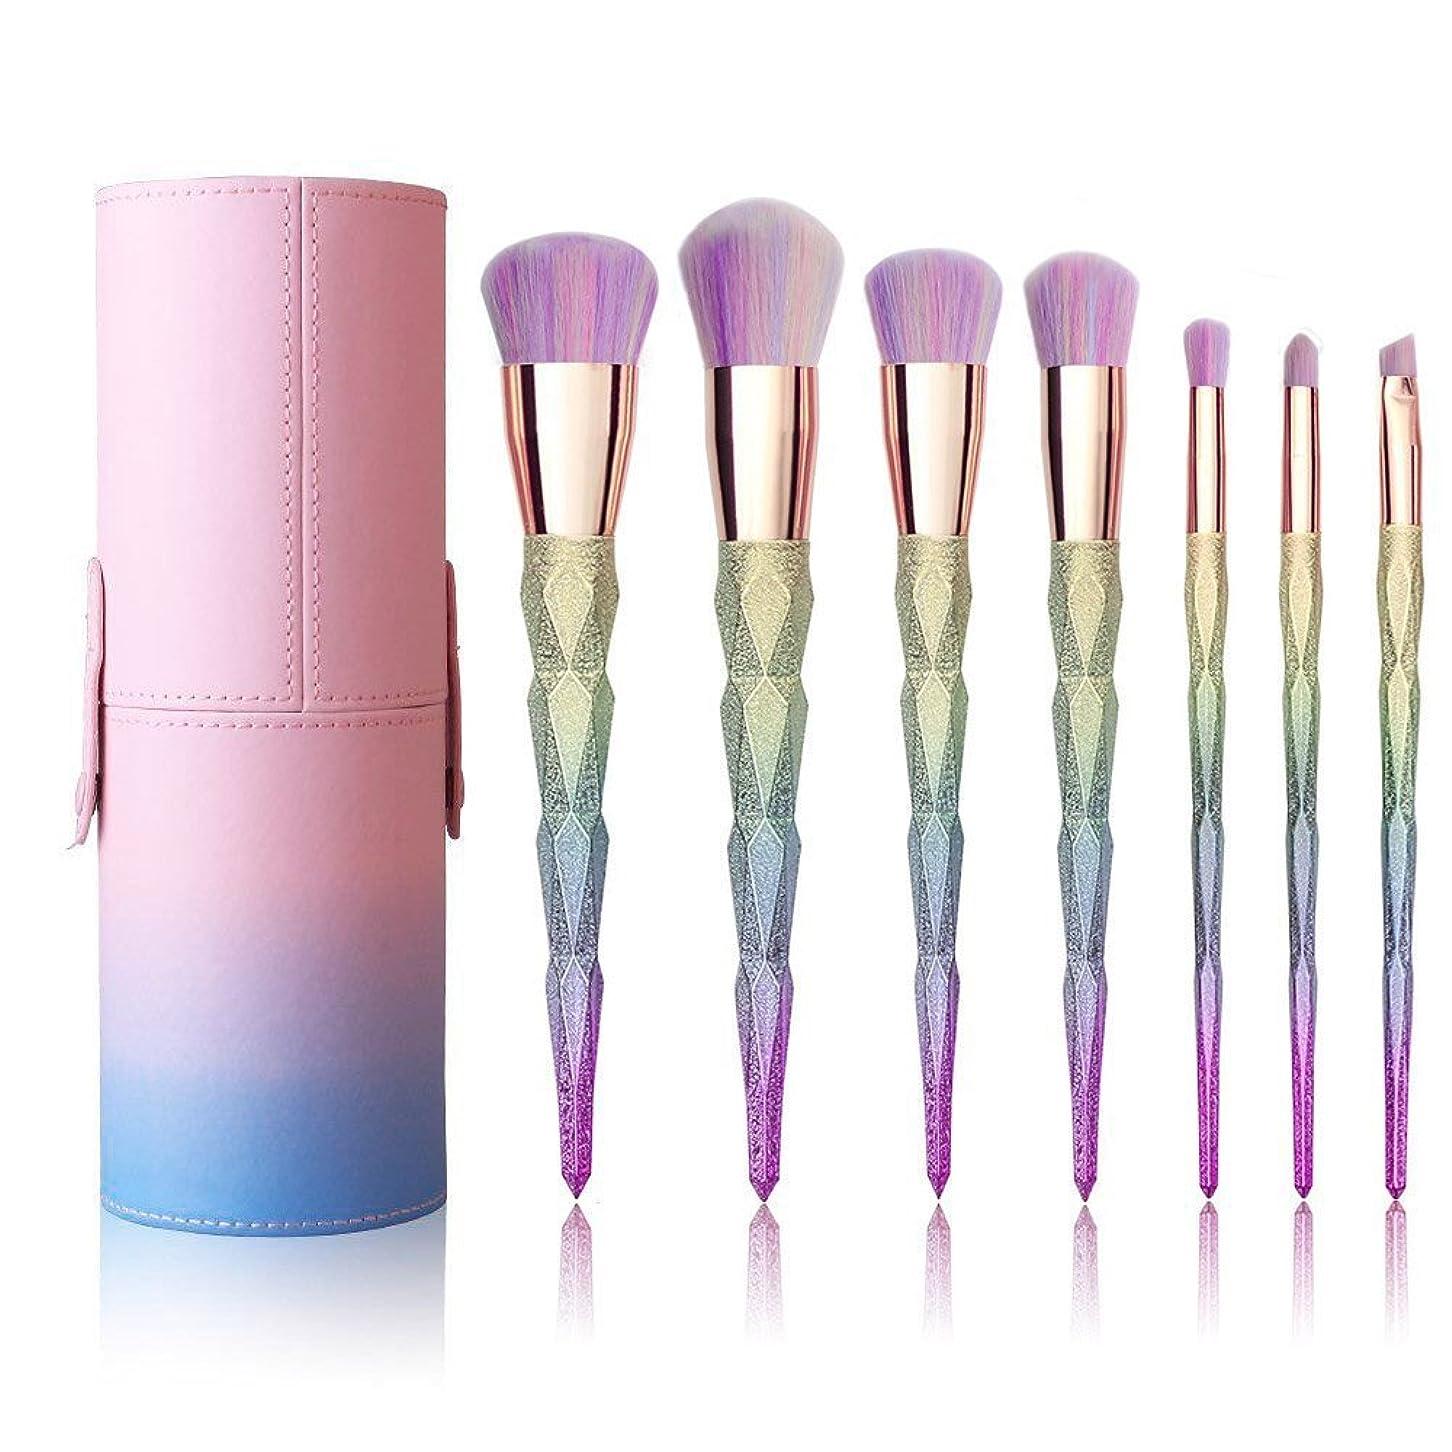 トランスミッションフェミニン岩XULHKA 7本の化粧ブラシ化粧品ブラシセットアイシャドウリップフェイスツールブラシキット